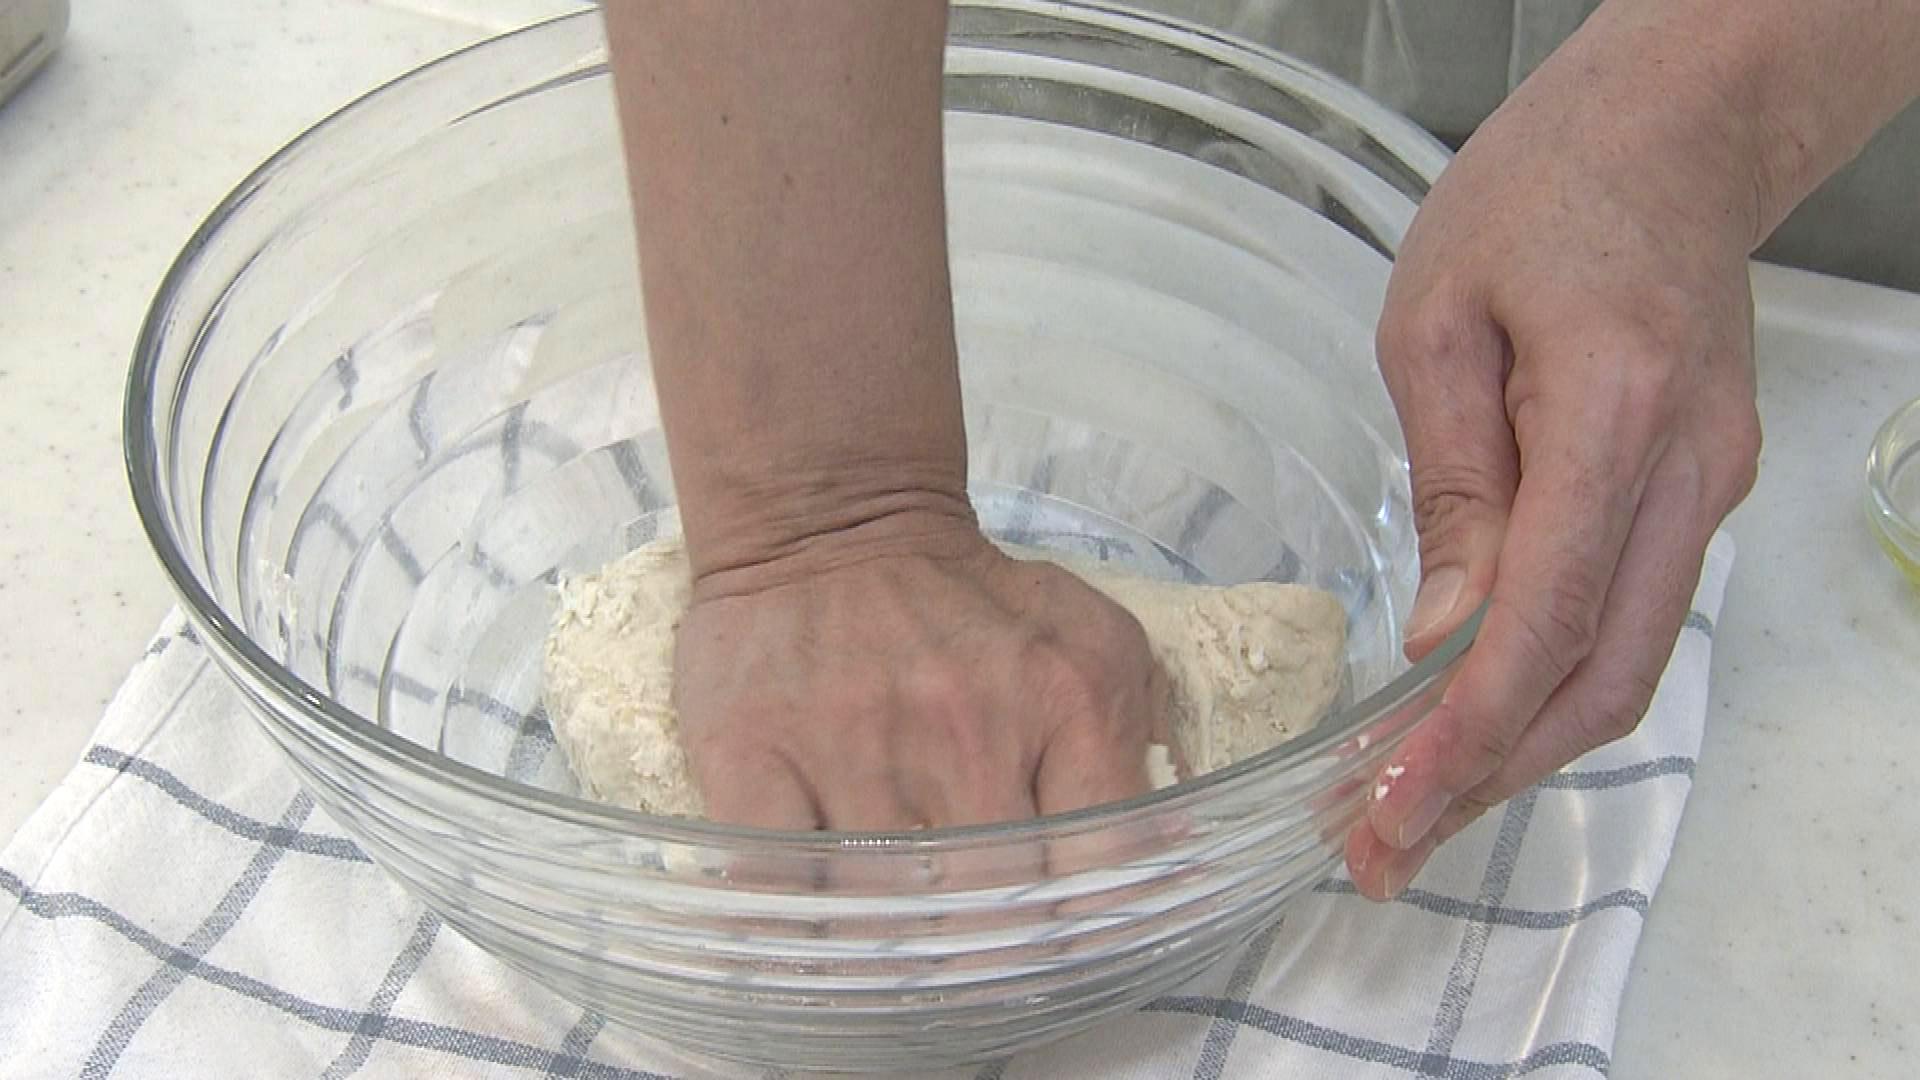 1. ボウルに小麦粉と砂糖・塩・ドライイーストを入れ、さっと混ぜる。ぬるま湯を少しずつ入れヘラで混ぜる。固まってきたら手で10〜15分しっかりと捏ねる。